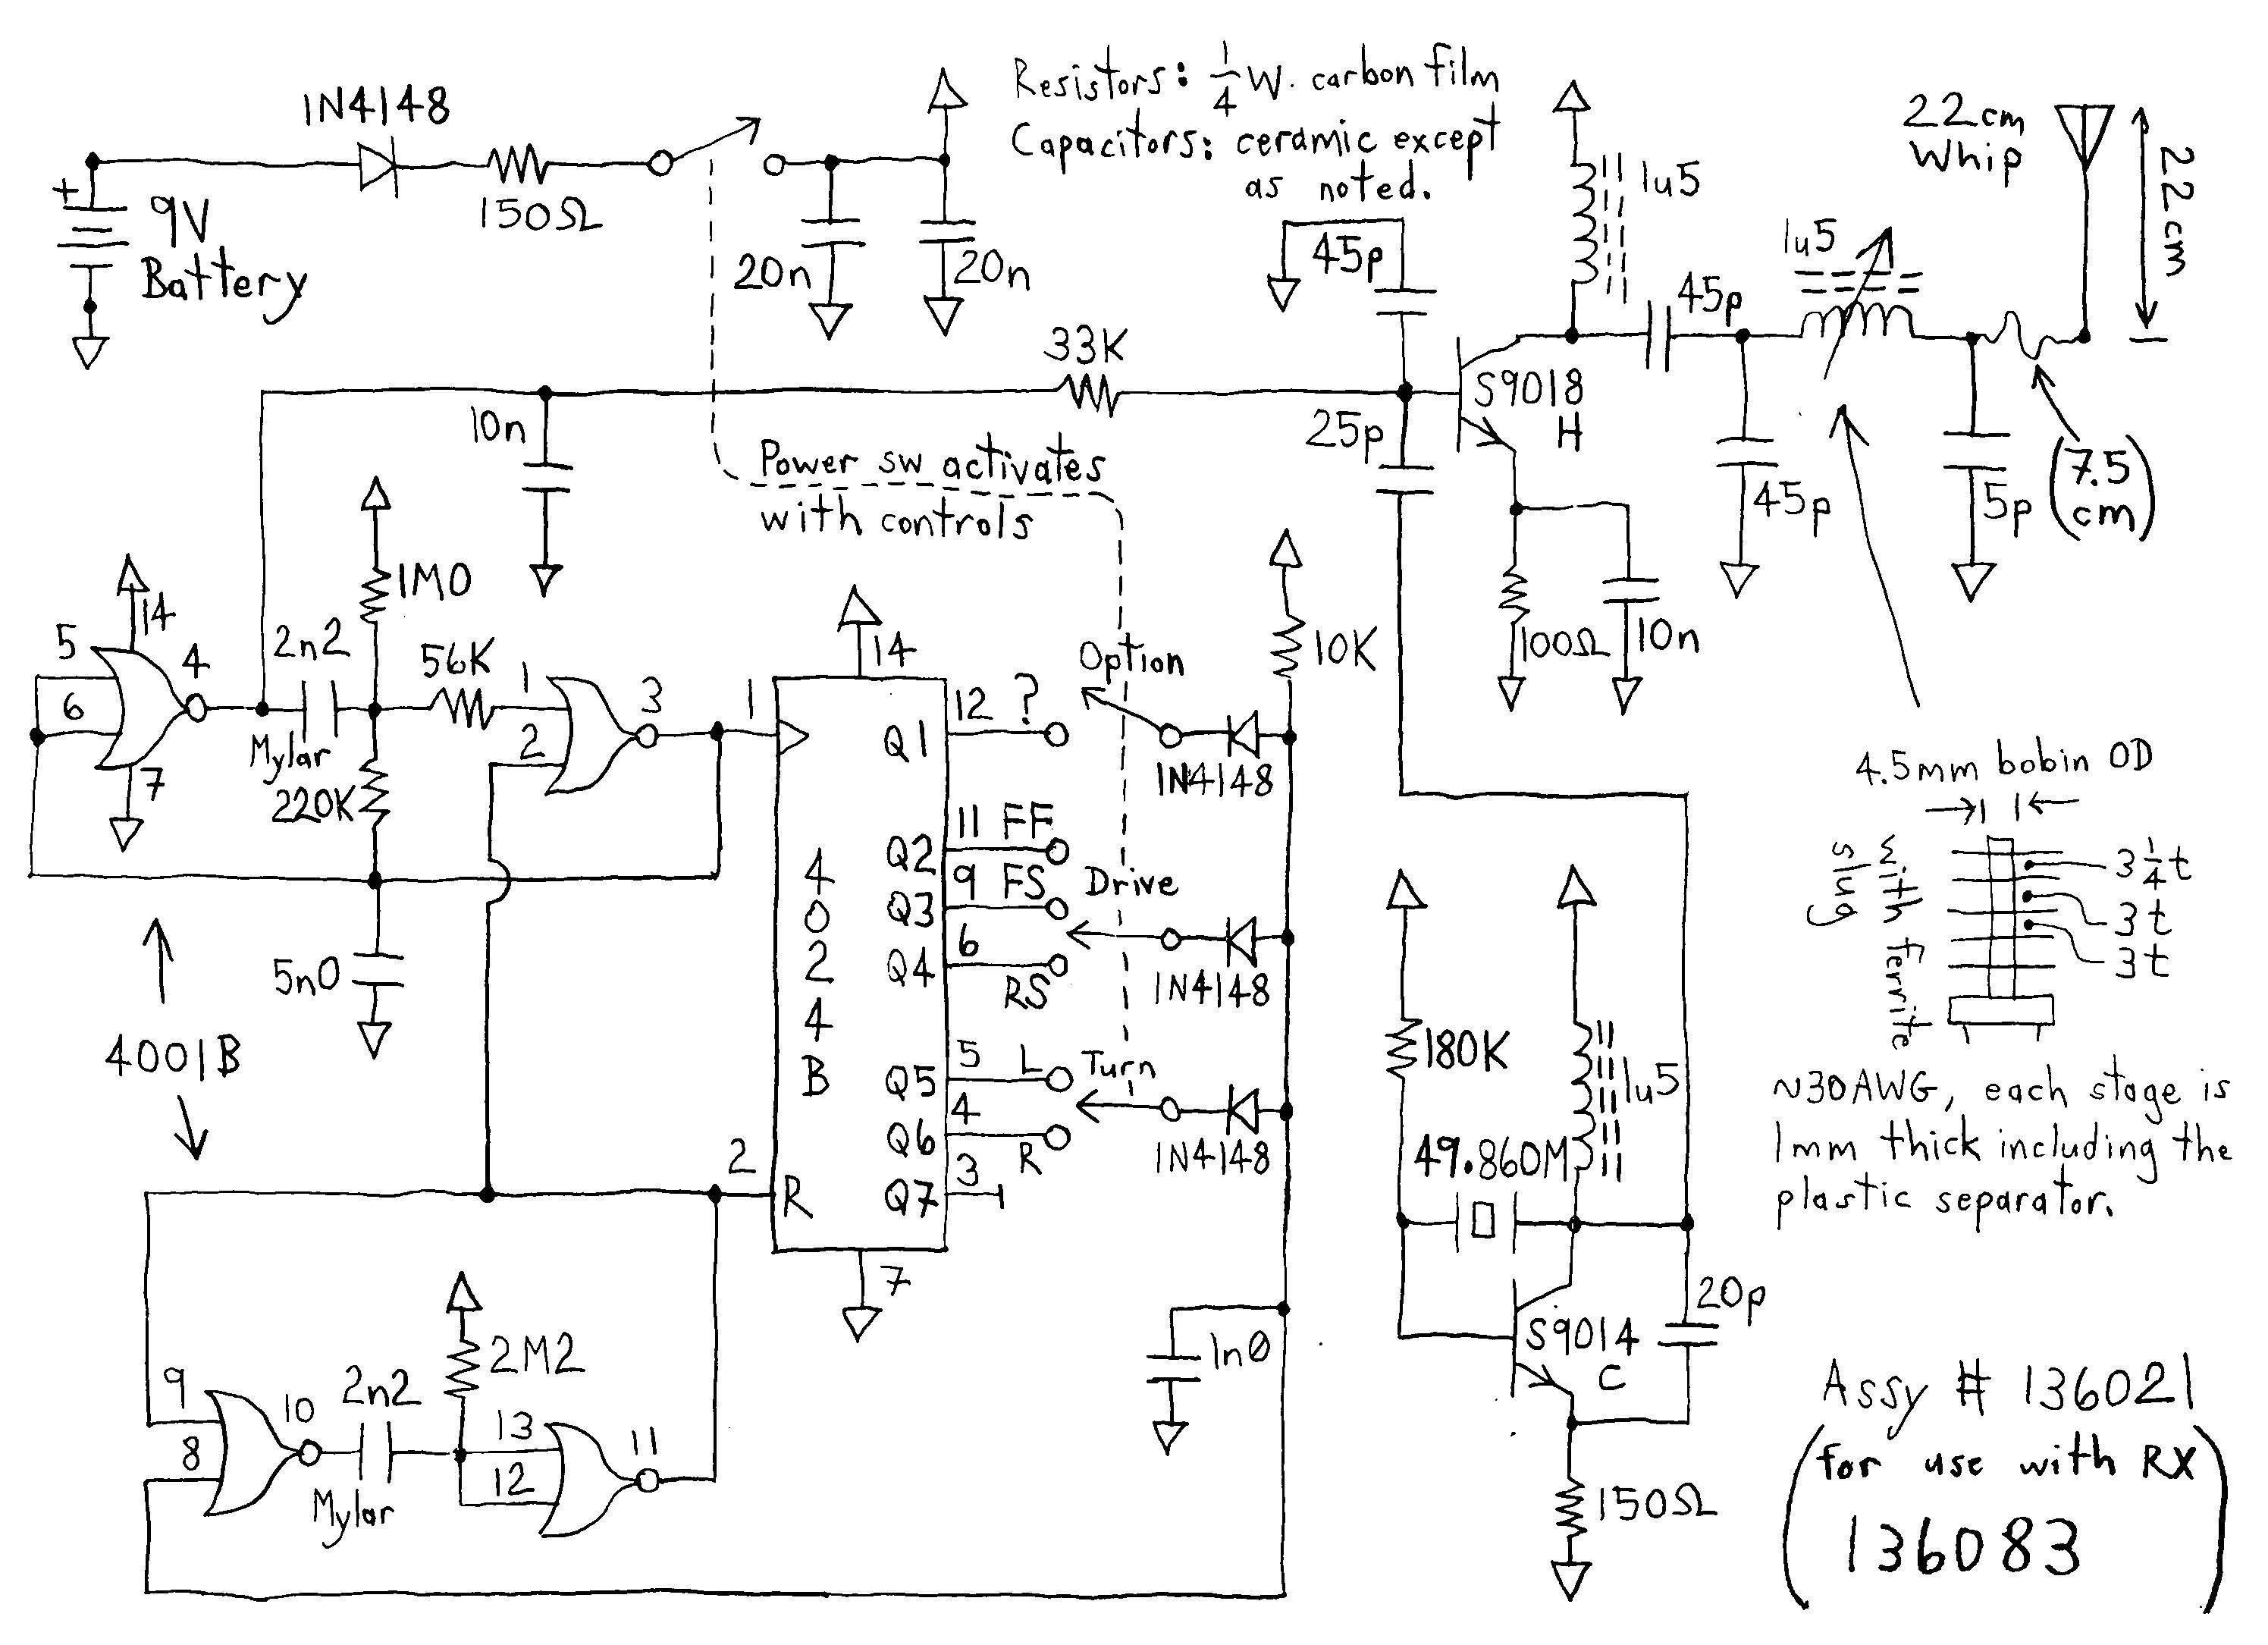 1994 Lexus Es300 Engine Diagram 1997 Lexus Wiring Diagram Data Schematics Wiring Diagram • Of 1994 Lexus Es300 Engine Diagram